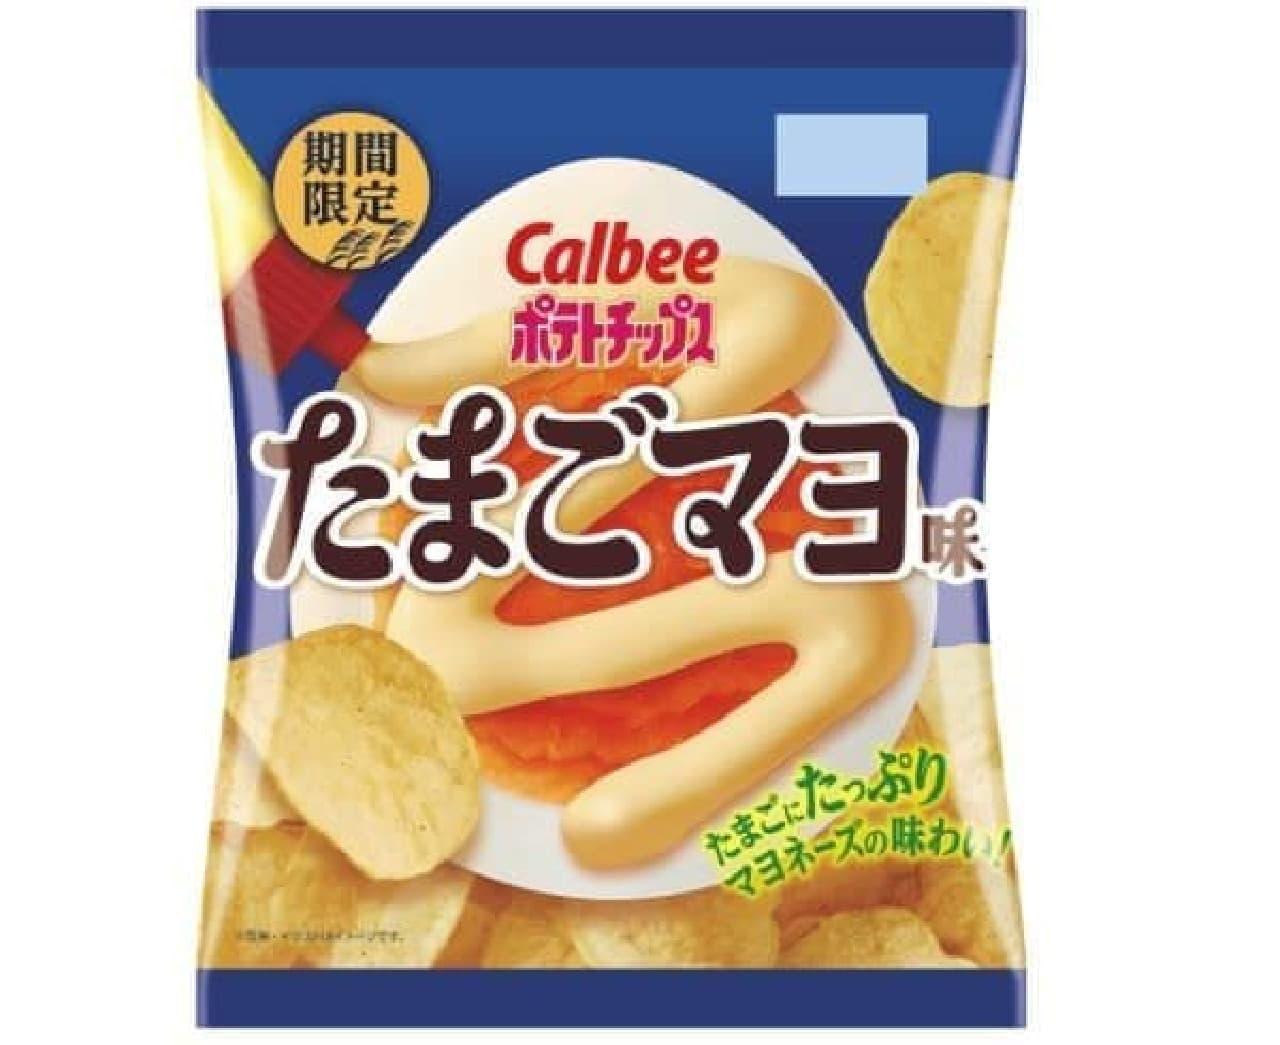 カルビー「ポテトチップス たまごマヨ味」